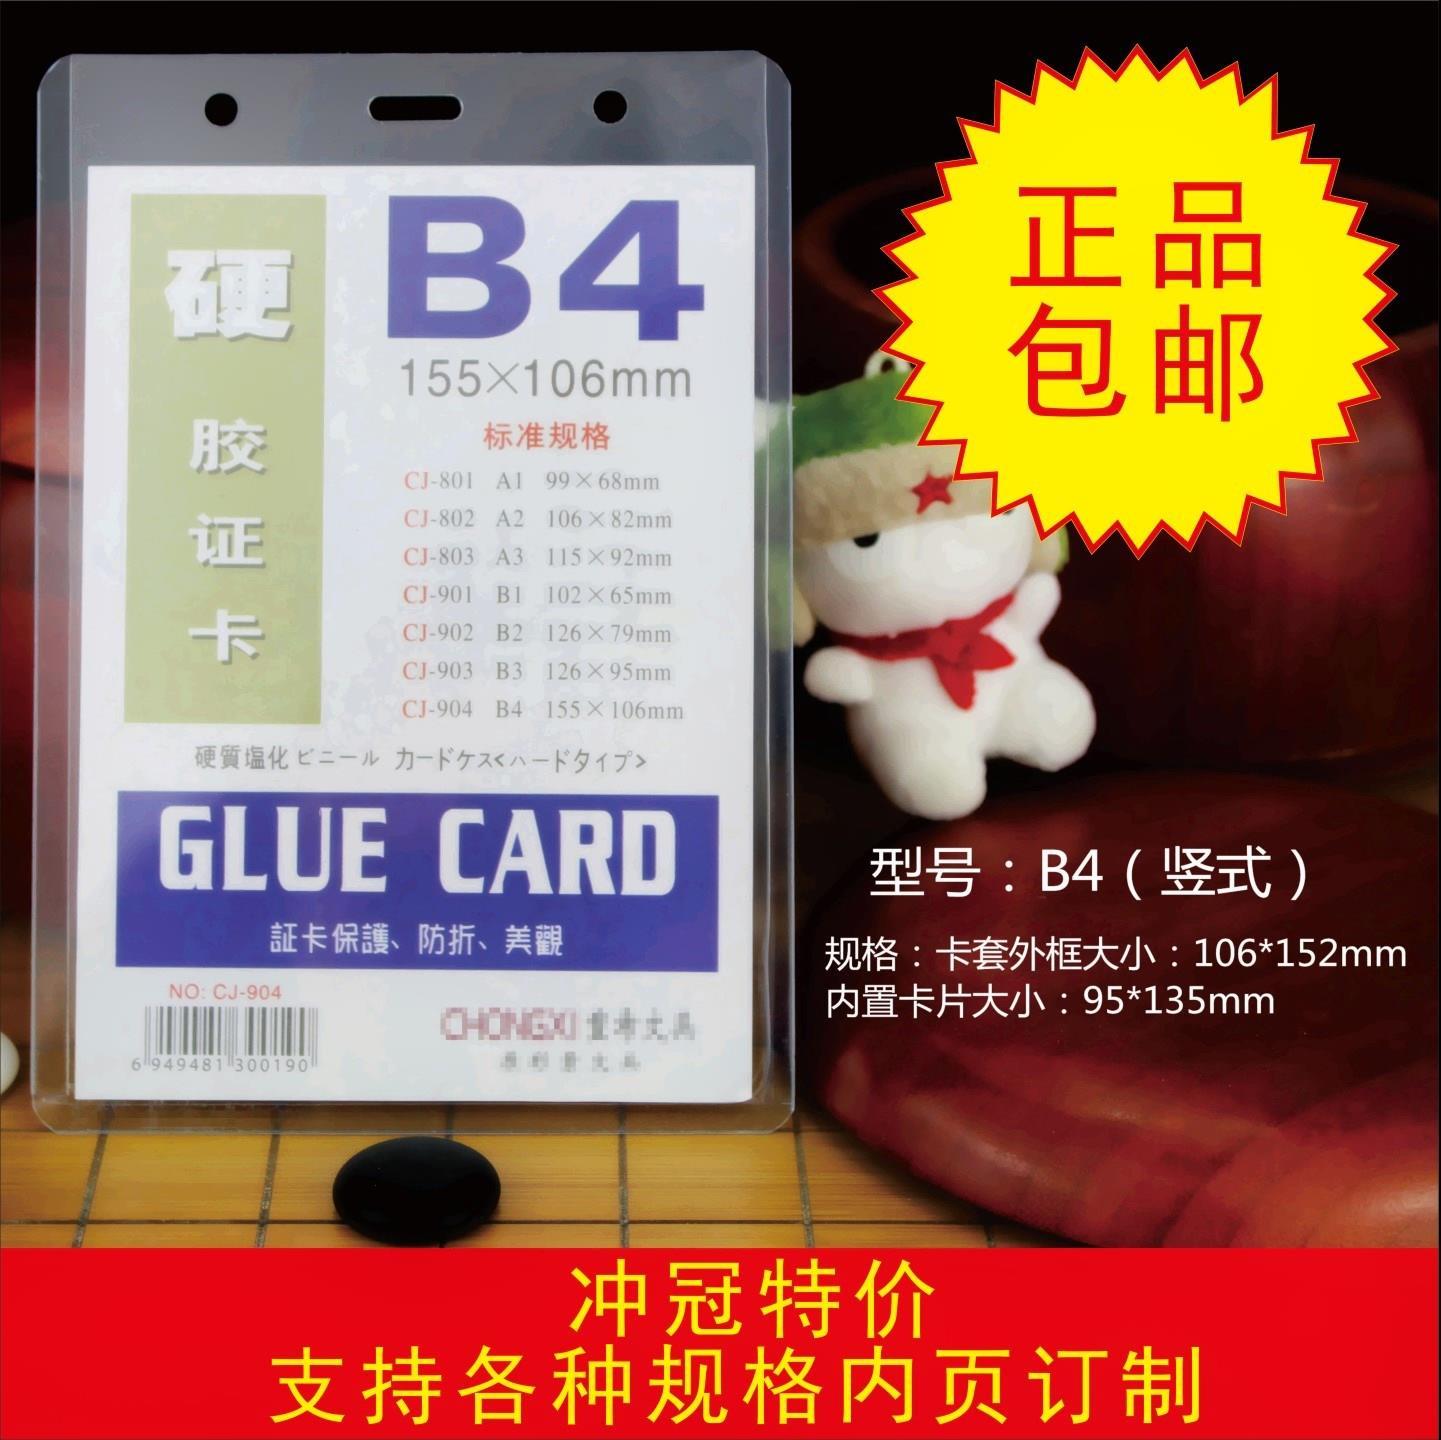 包邮B4硬胶学生B7v学生胸卡B2证卡套A1PVC套卡套证件带卡套挂绳